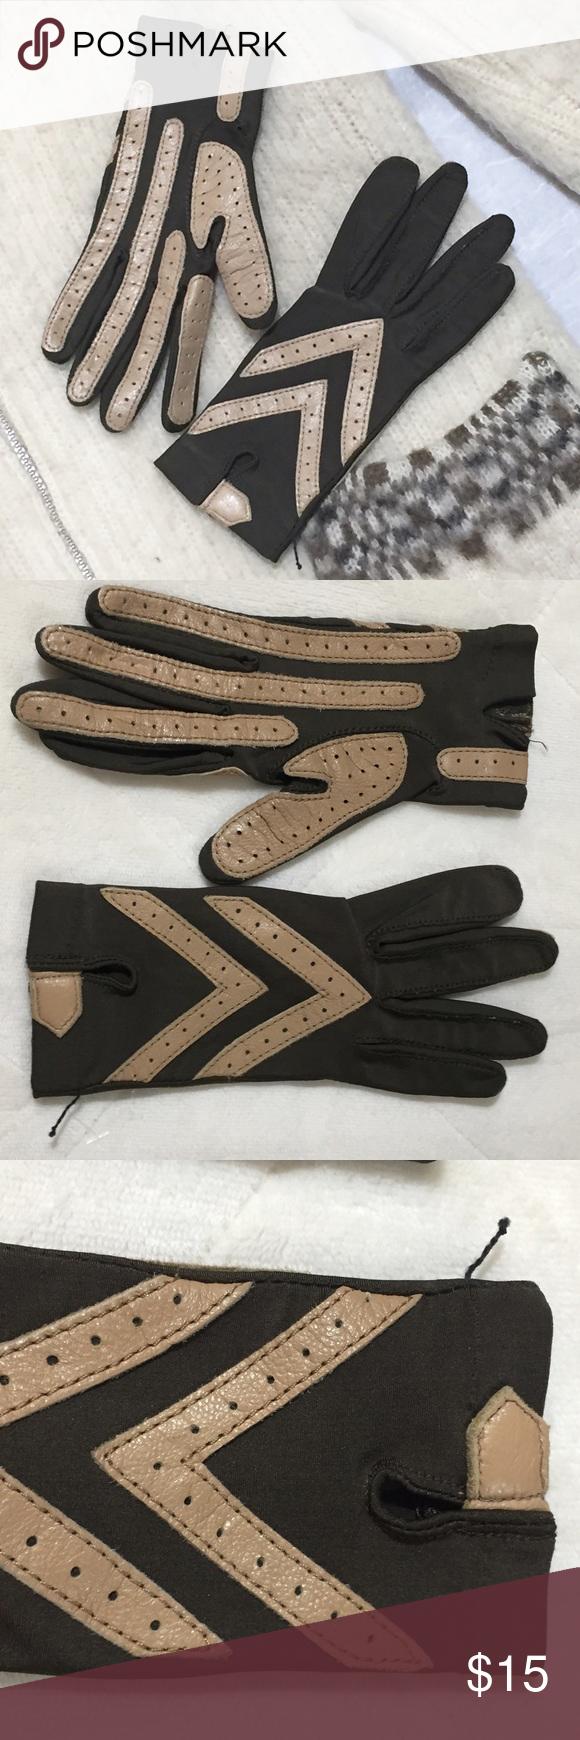 Driving gloves isotoner - Vintage Isotoner Driving Gloves